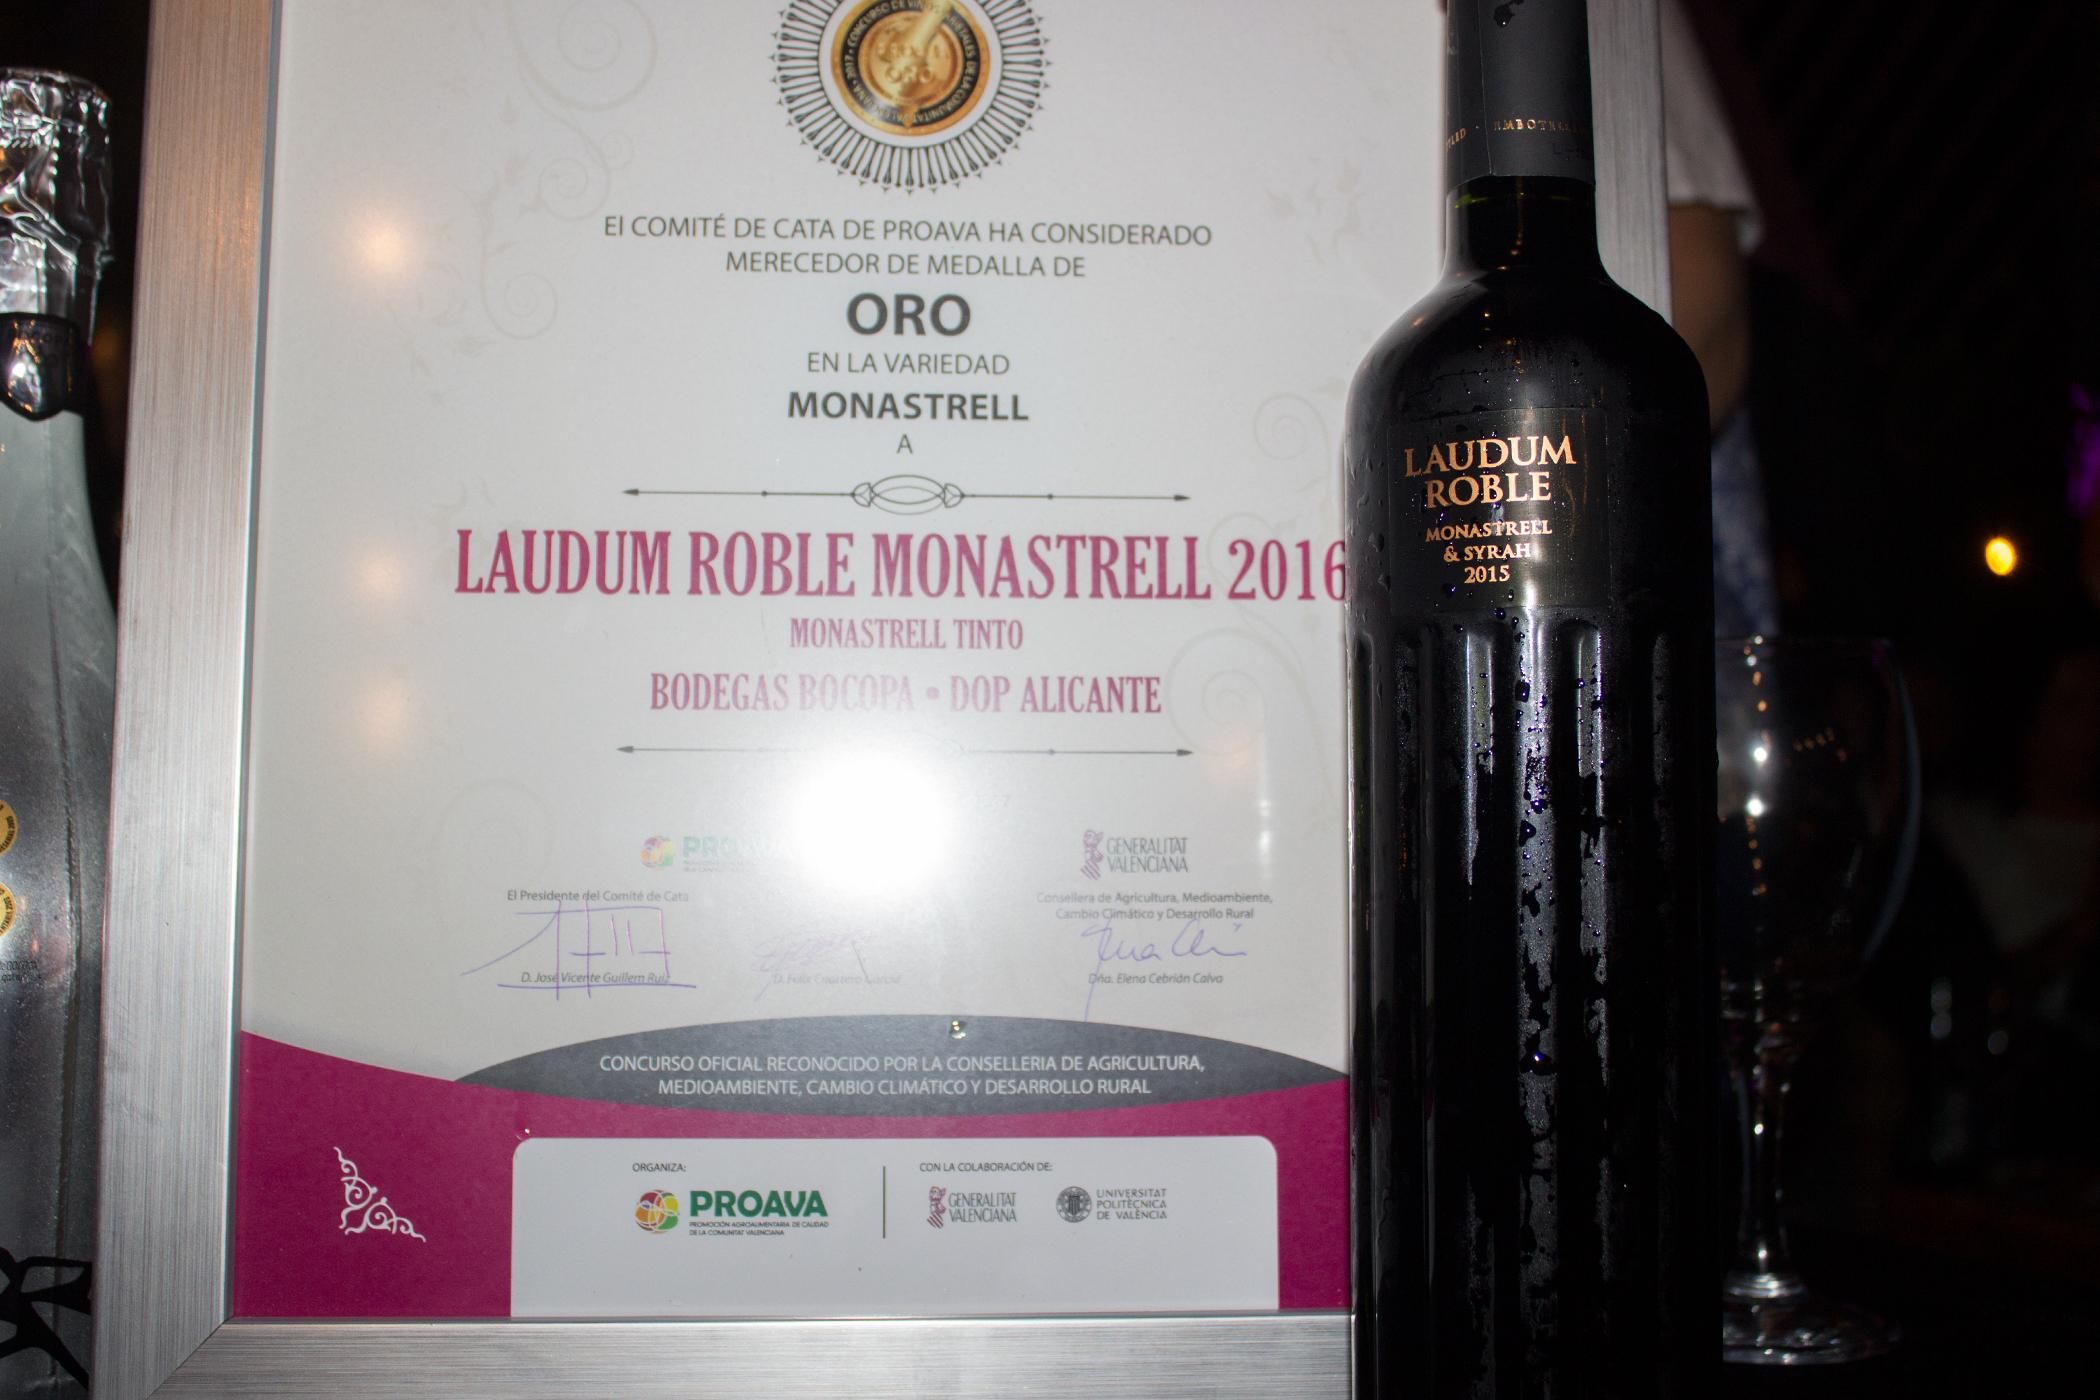 Bocopa consigue tres premios en el Concurso de vinos varietales de la Comunidad Valenciana